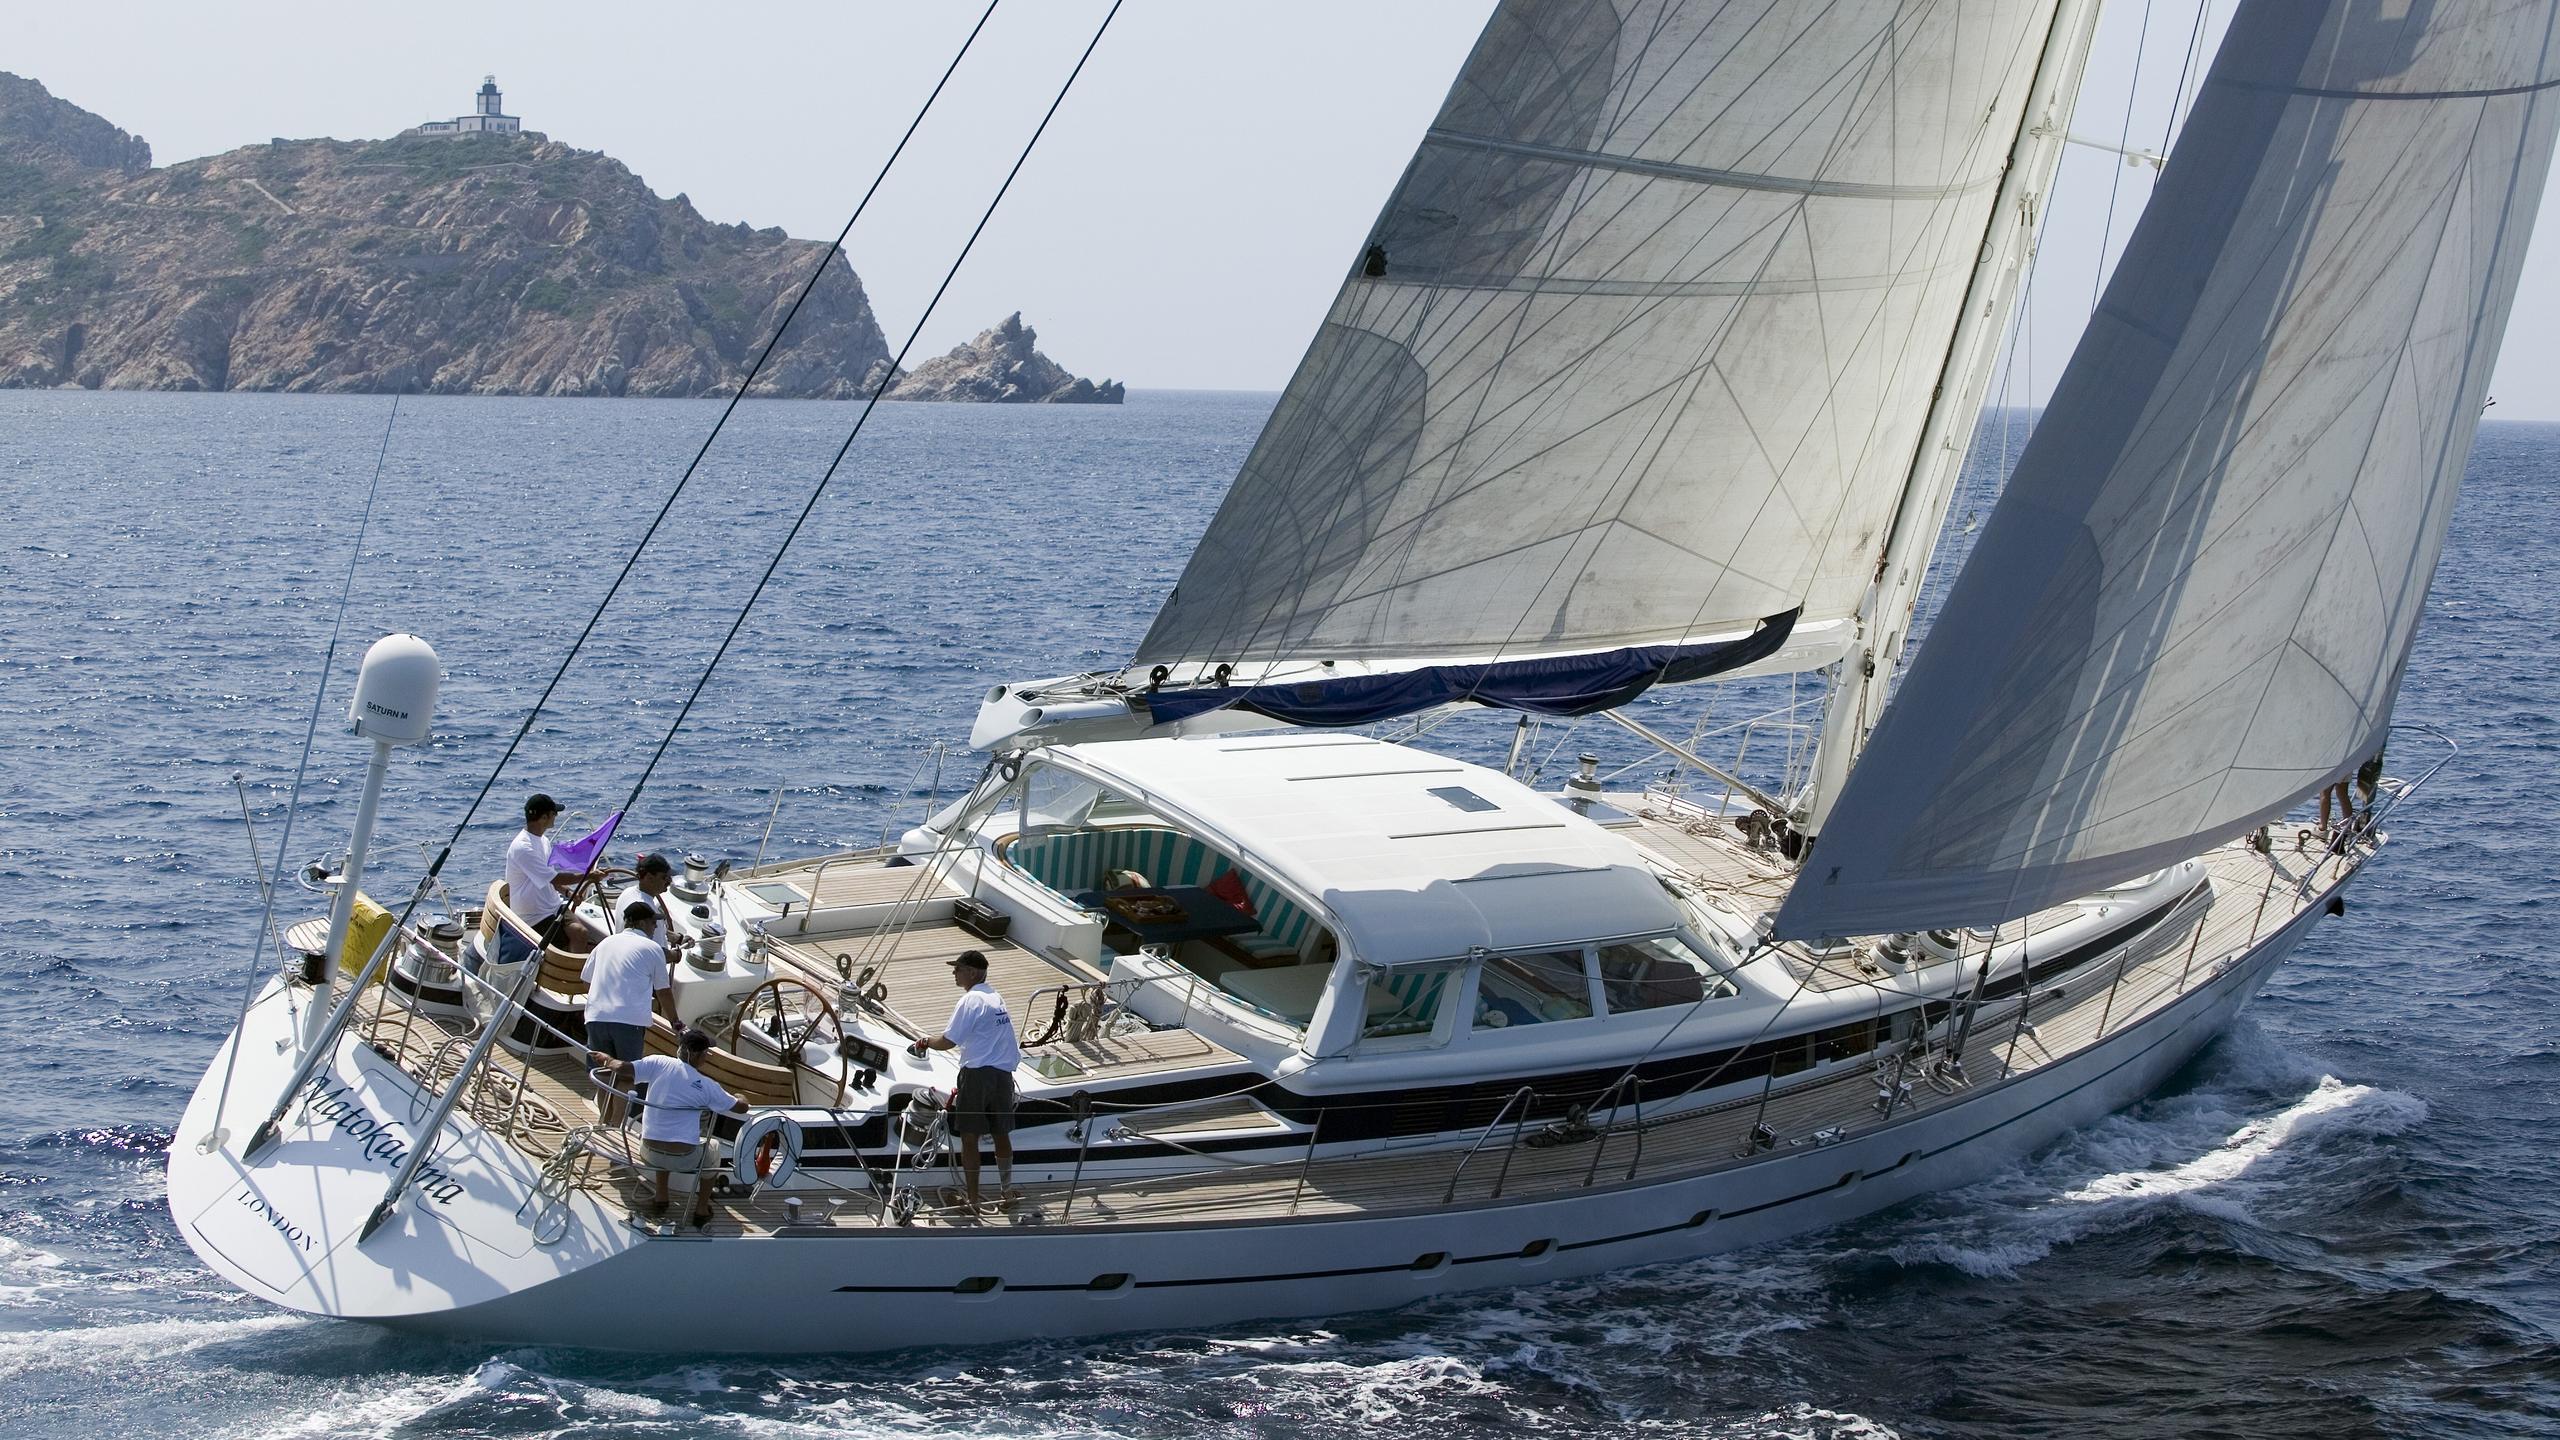 Matakamoa yacht